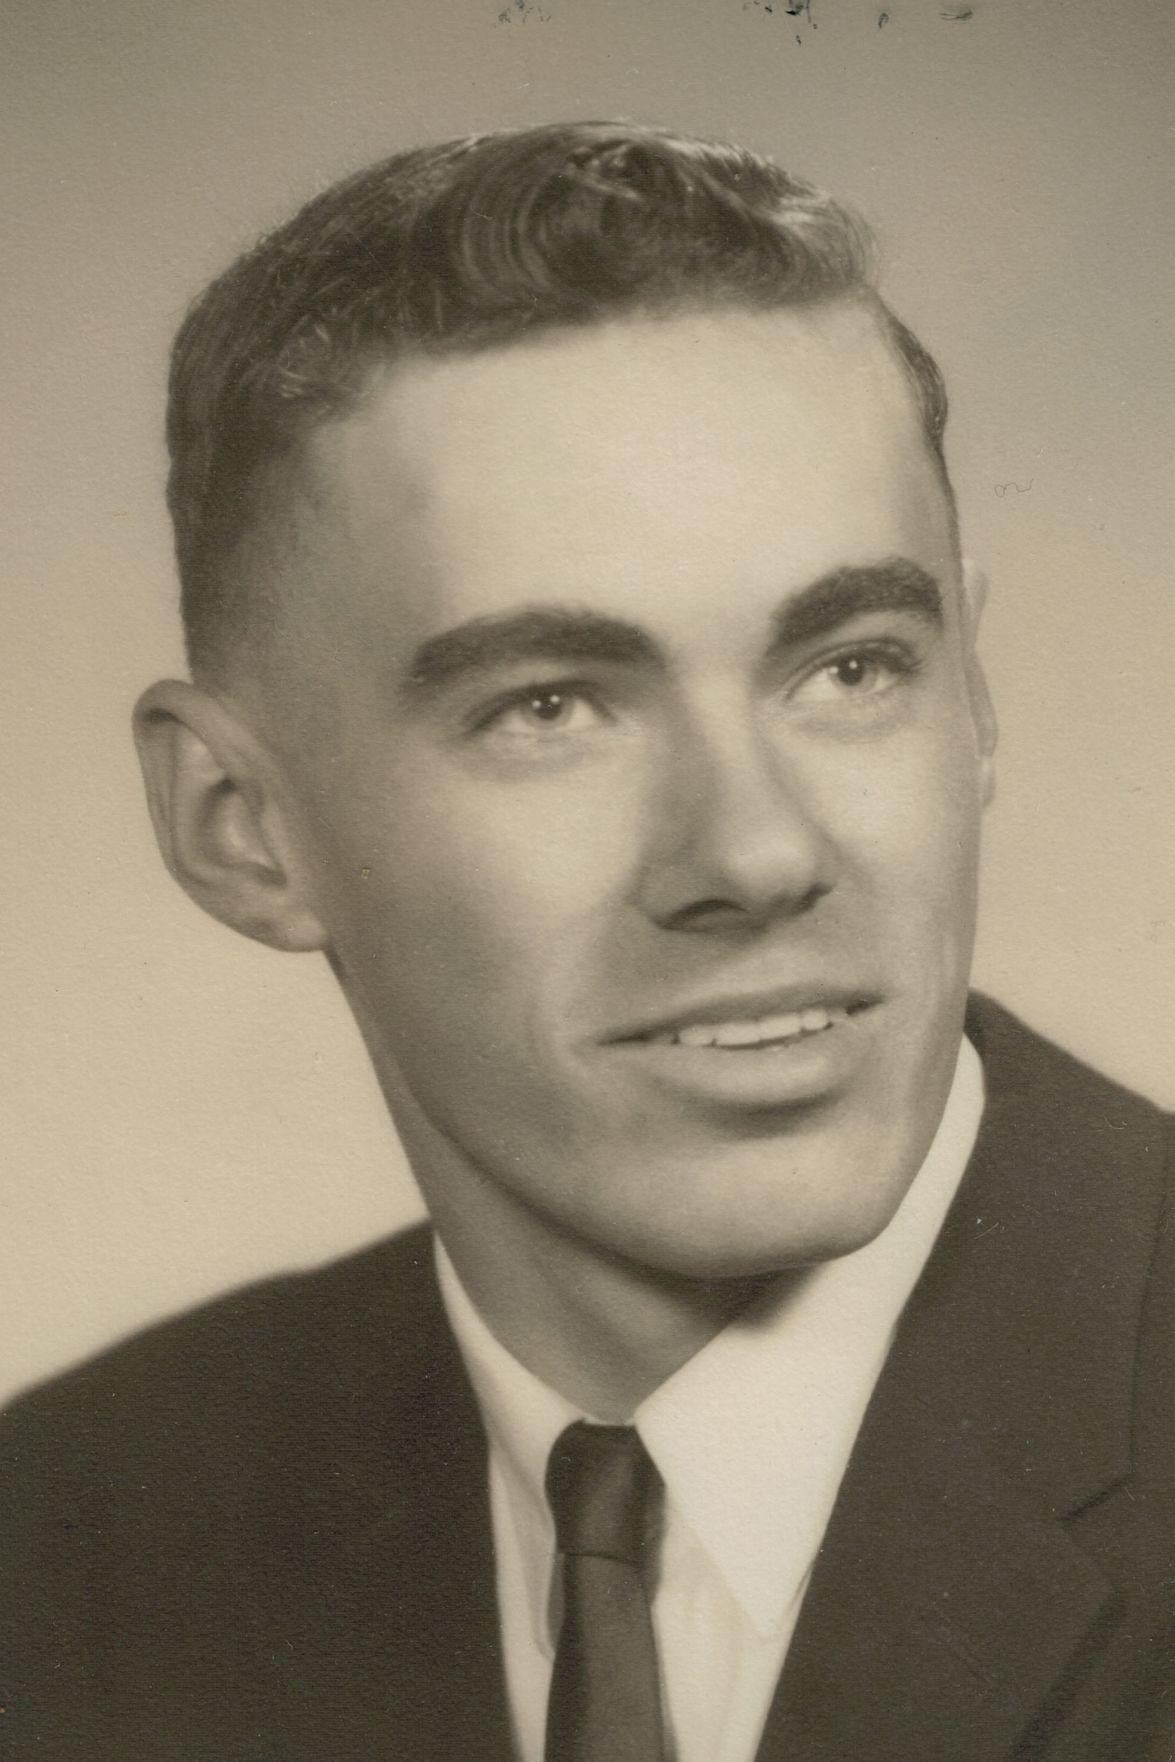 Ronald Wilkens